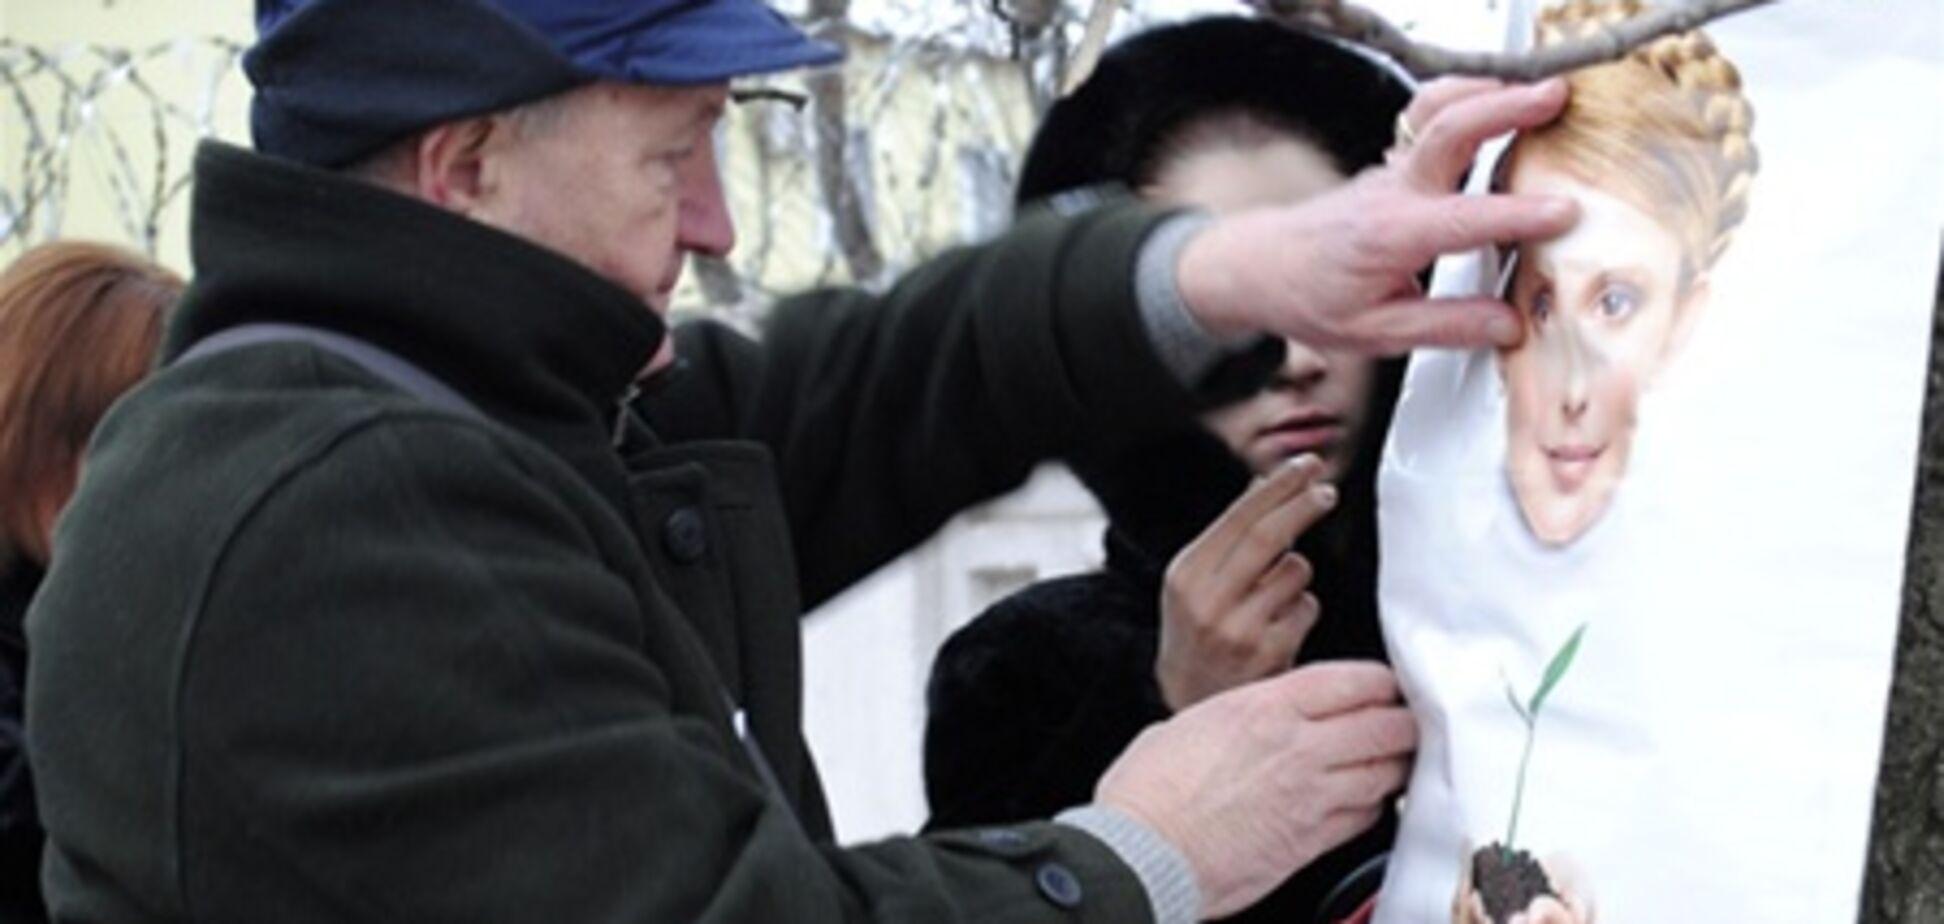 Прихильники Тимошенко не пікетують колонію, очікуючи указу зверху